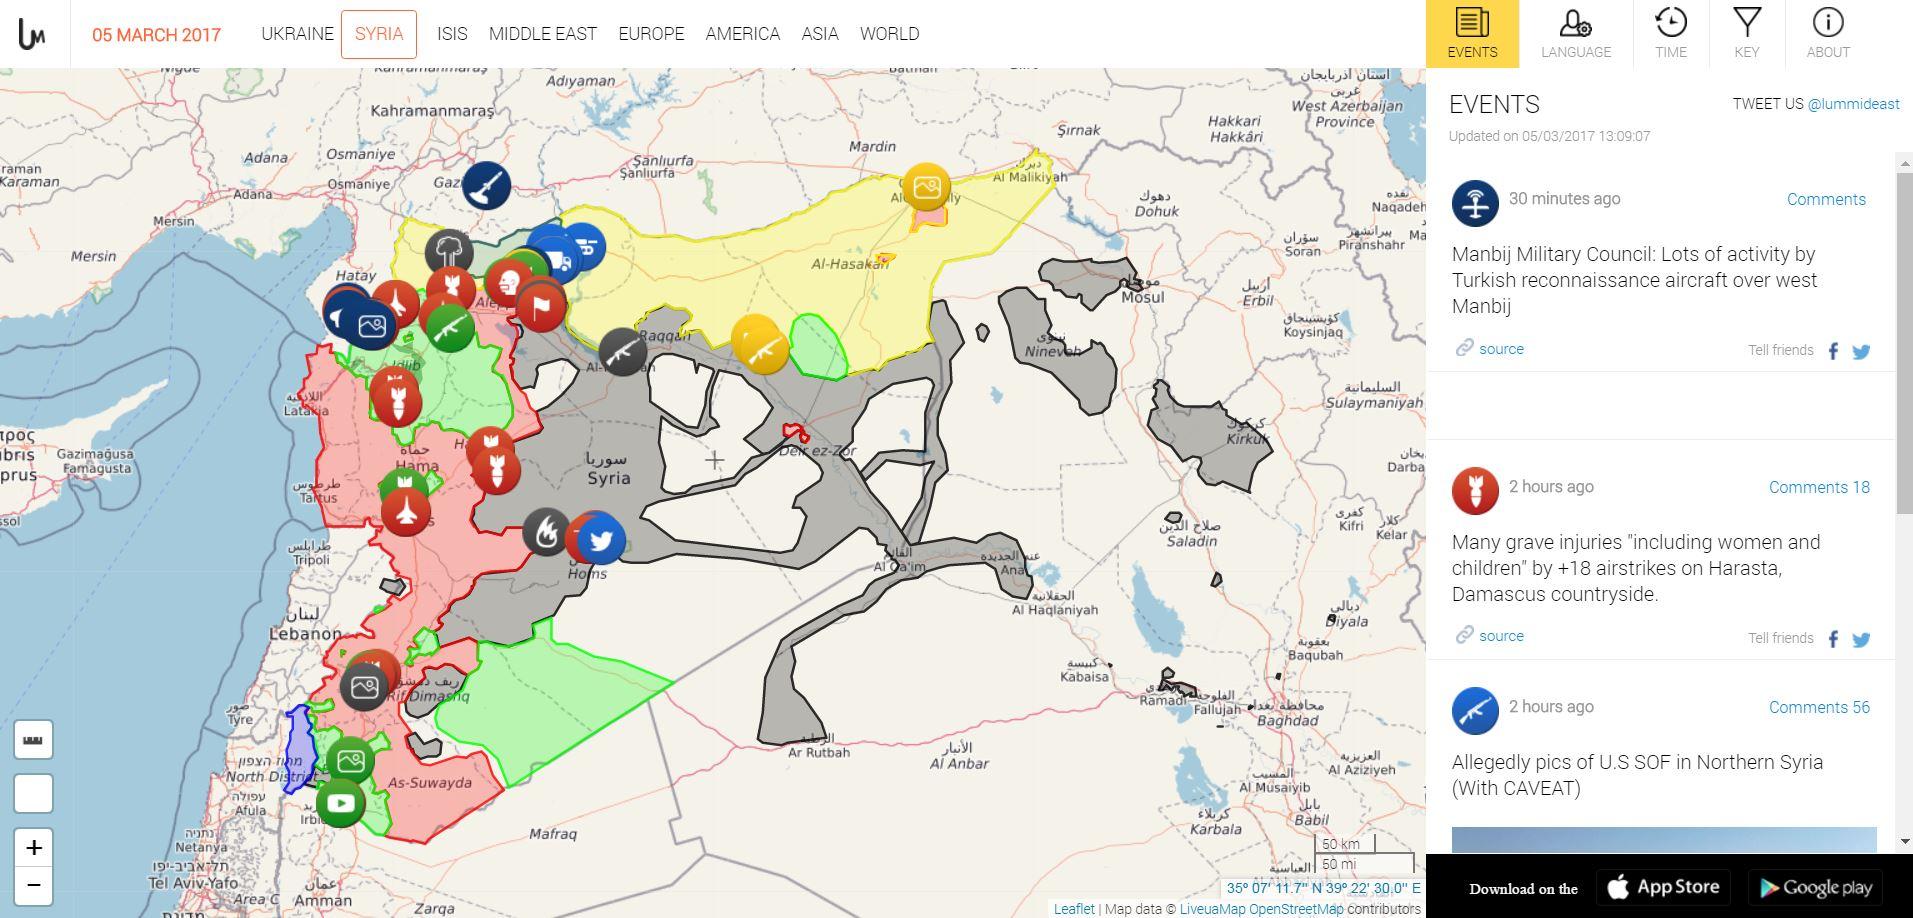 livemap_syria170305.JPG